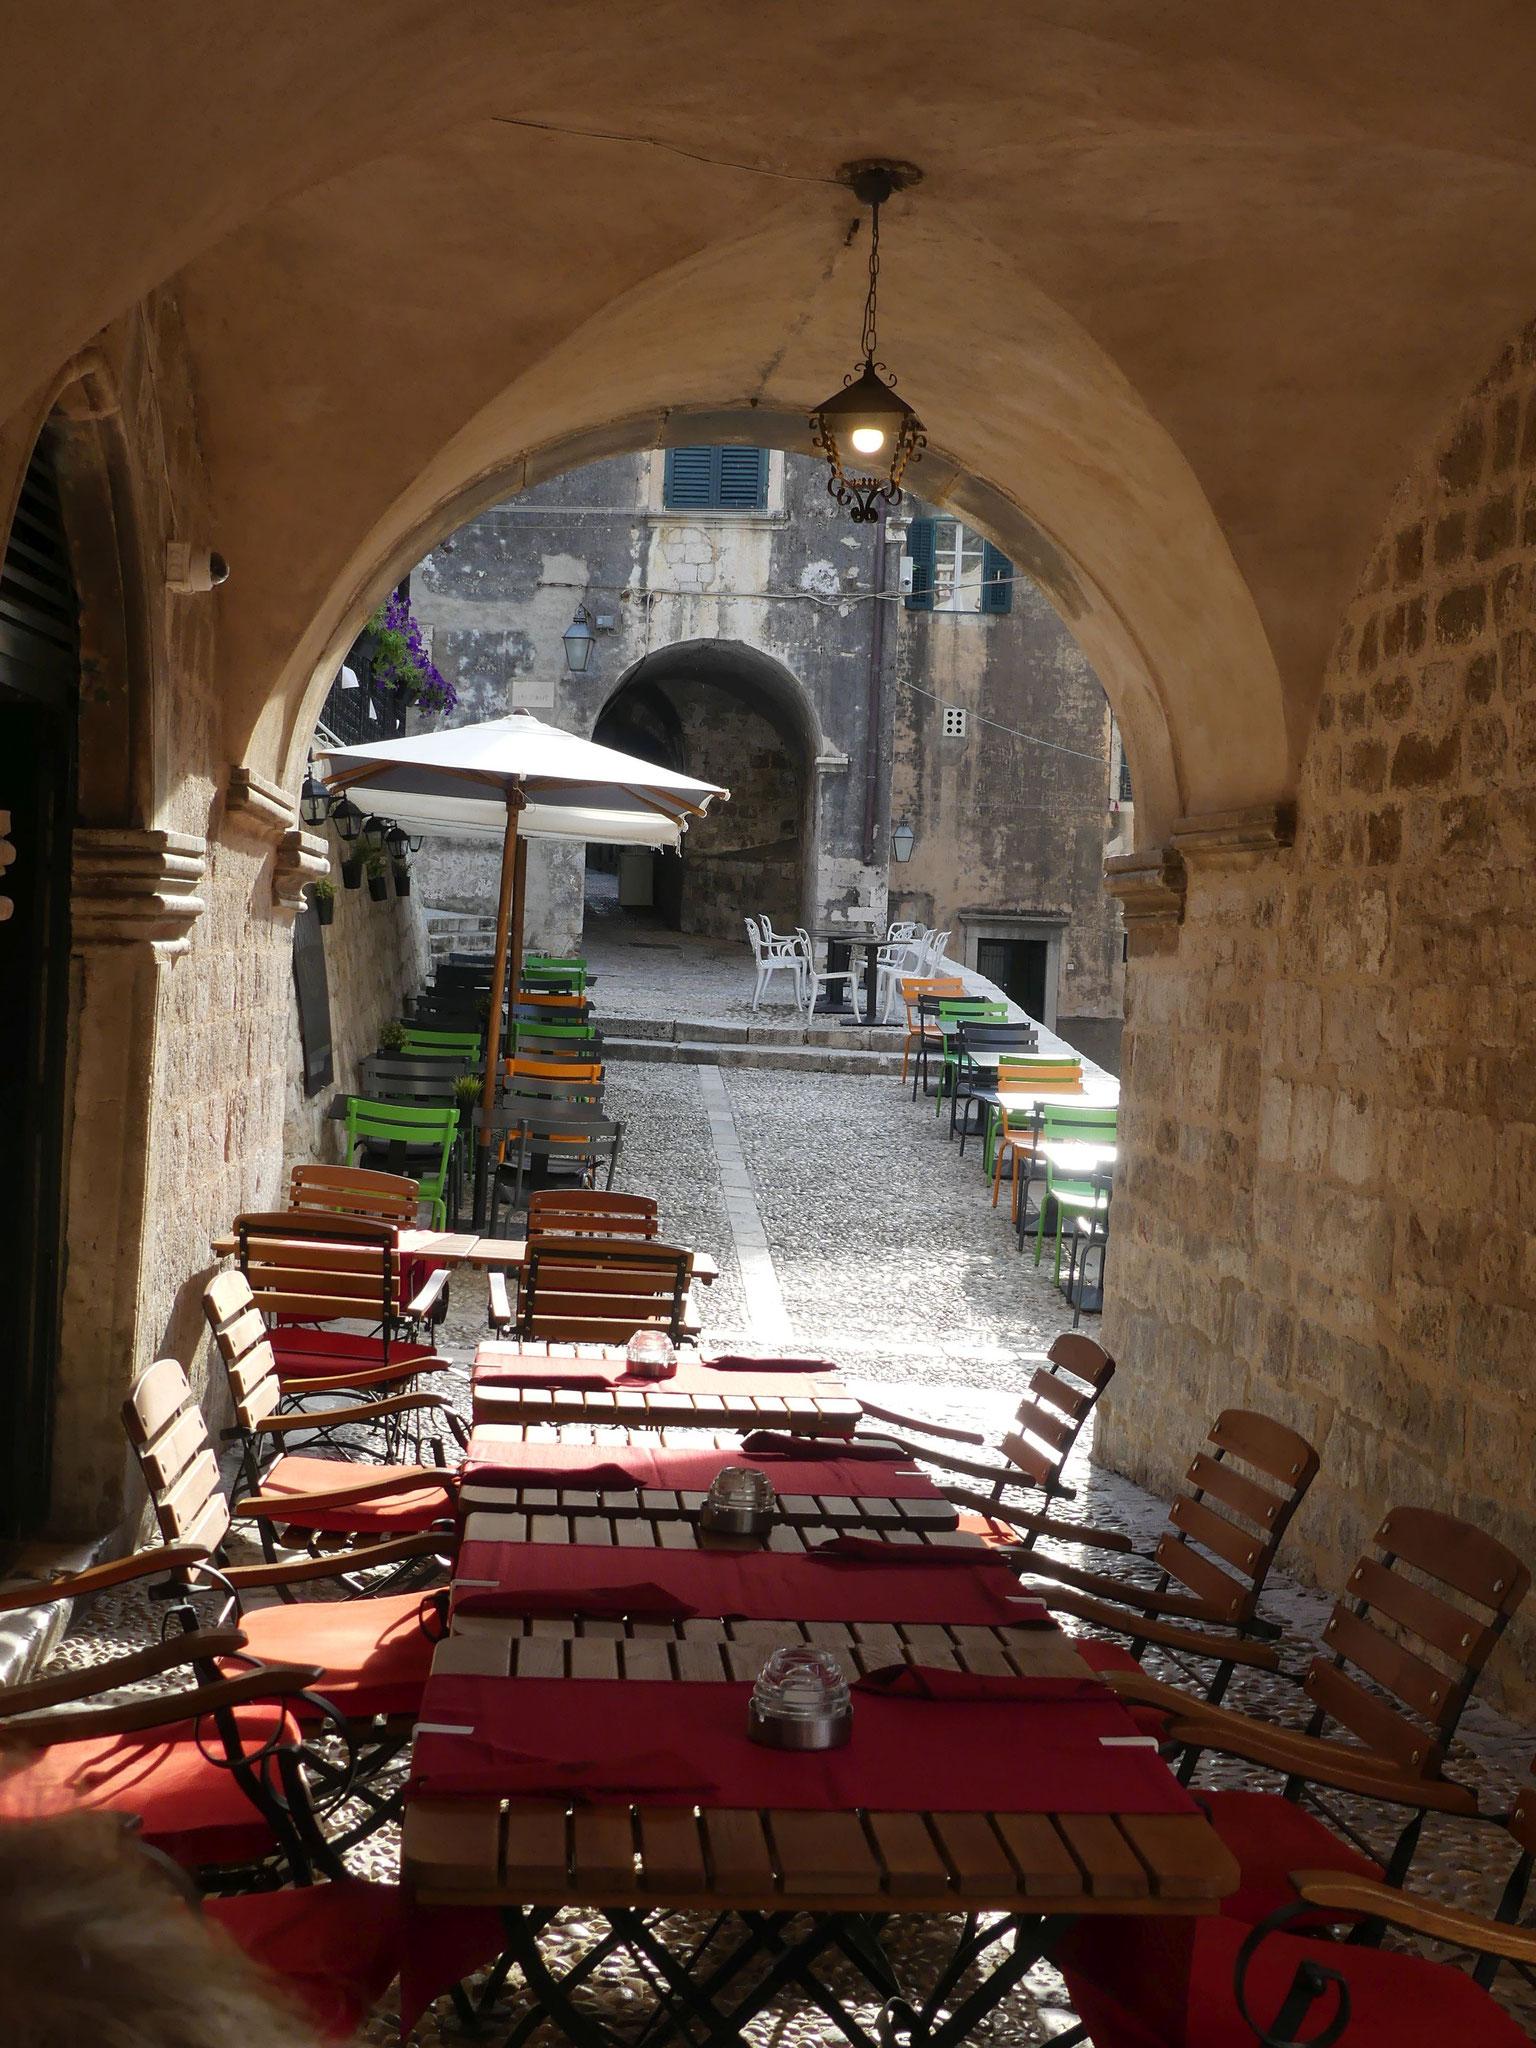 Hübschelige Anblicke in allen Gassen, unglaublich viele kleine Restaurants drängeln um die schönsten Plätze